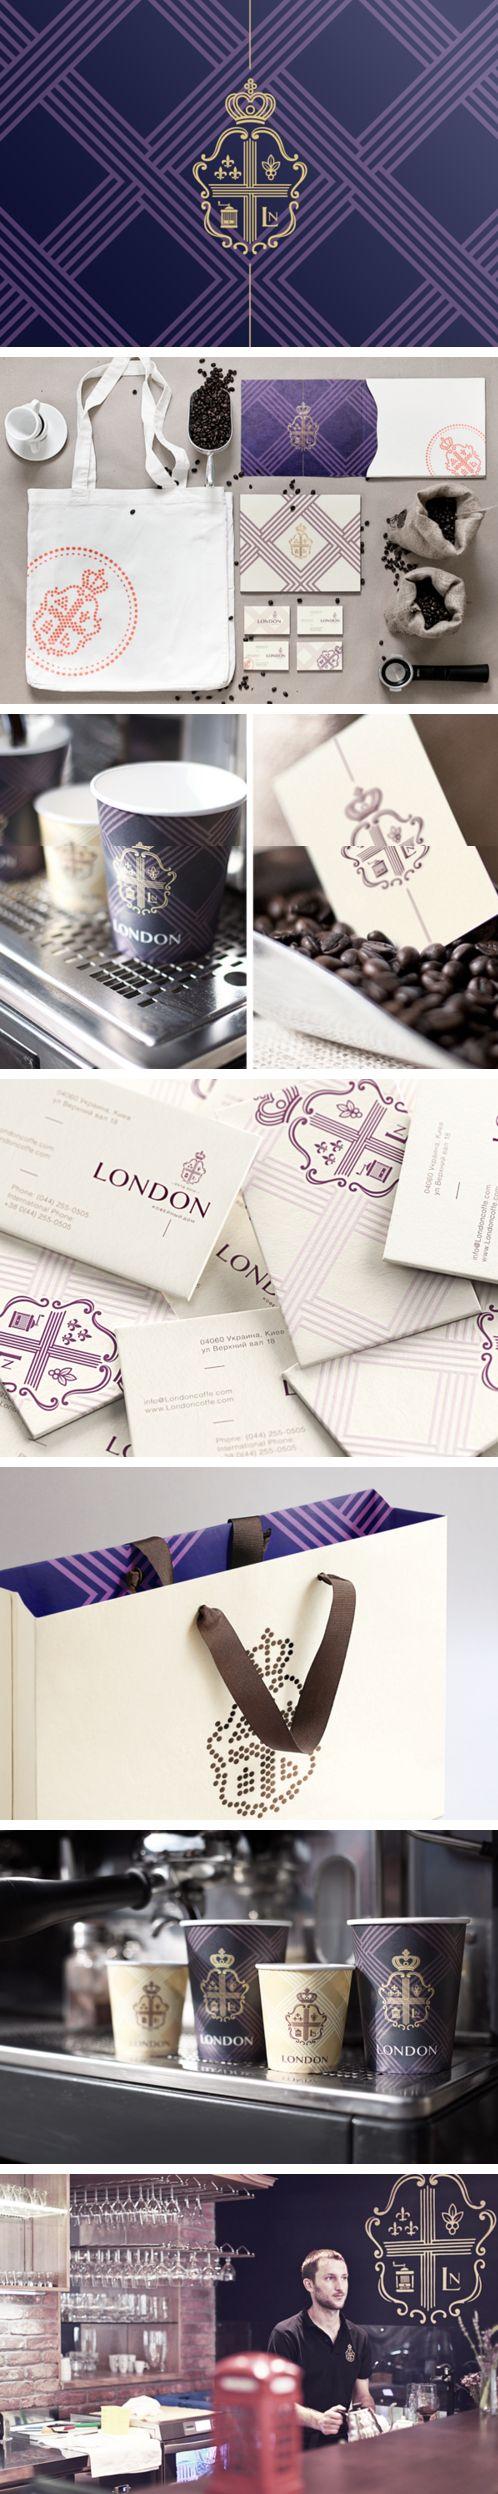 Coffee House London   Reynolds and Reyner. simplicity brings elegance